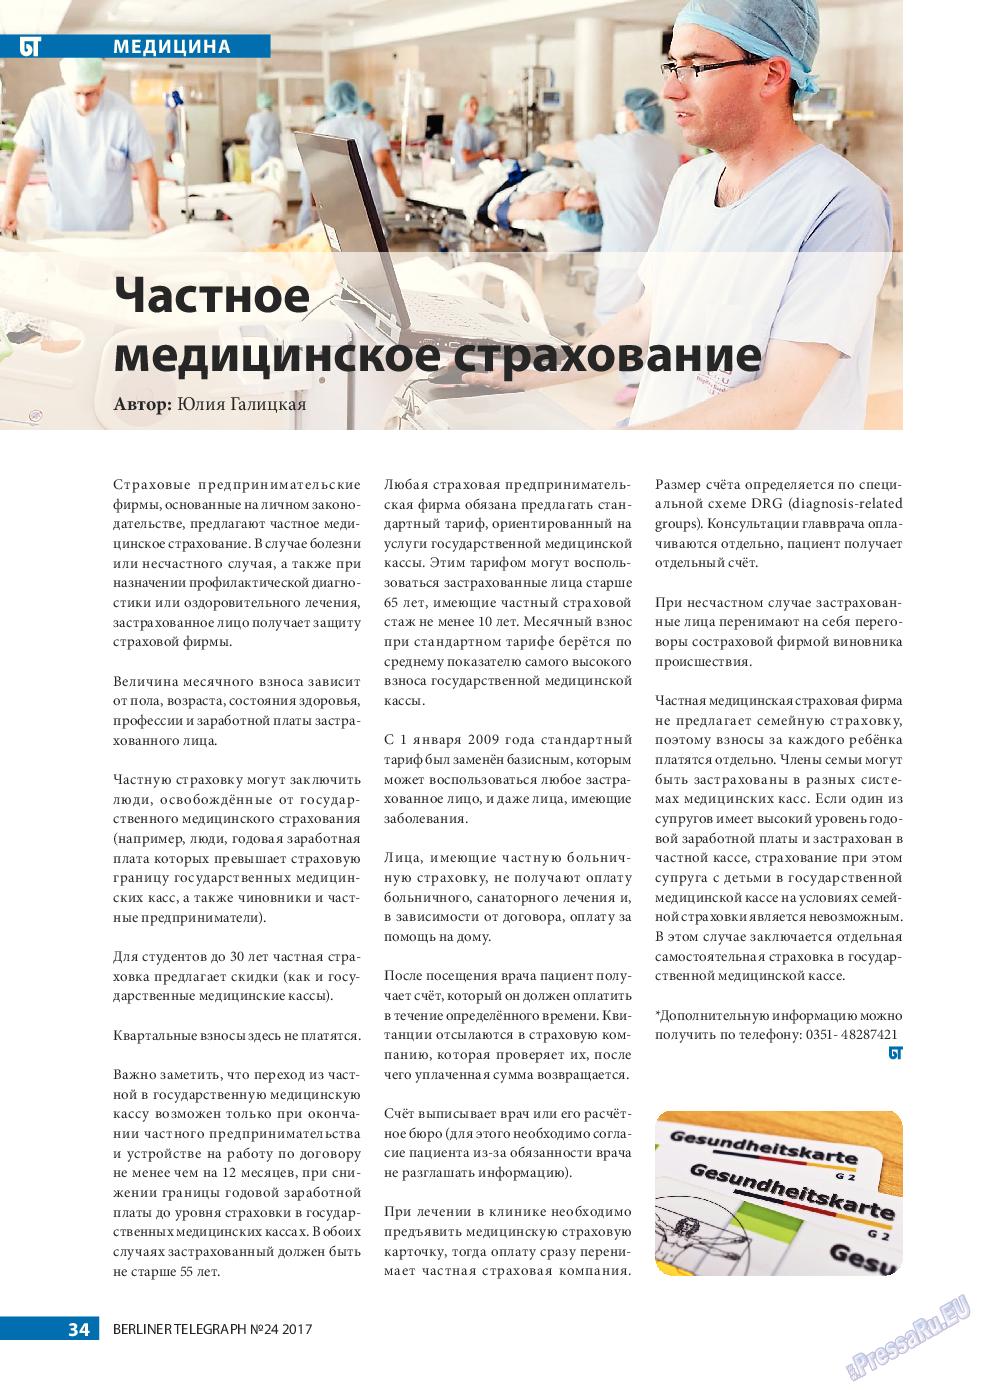 Берлинский телеграф (журнал). 2017 год, номер 24, стр. 34